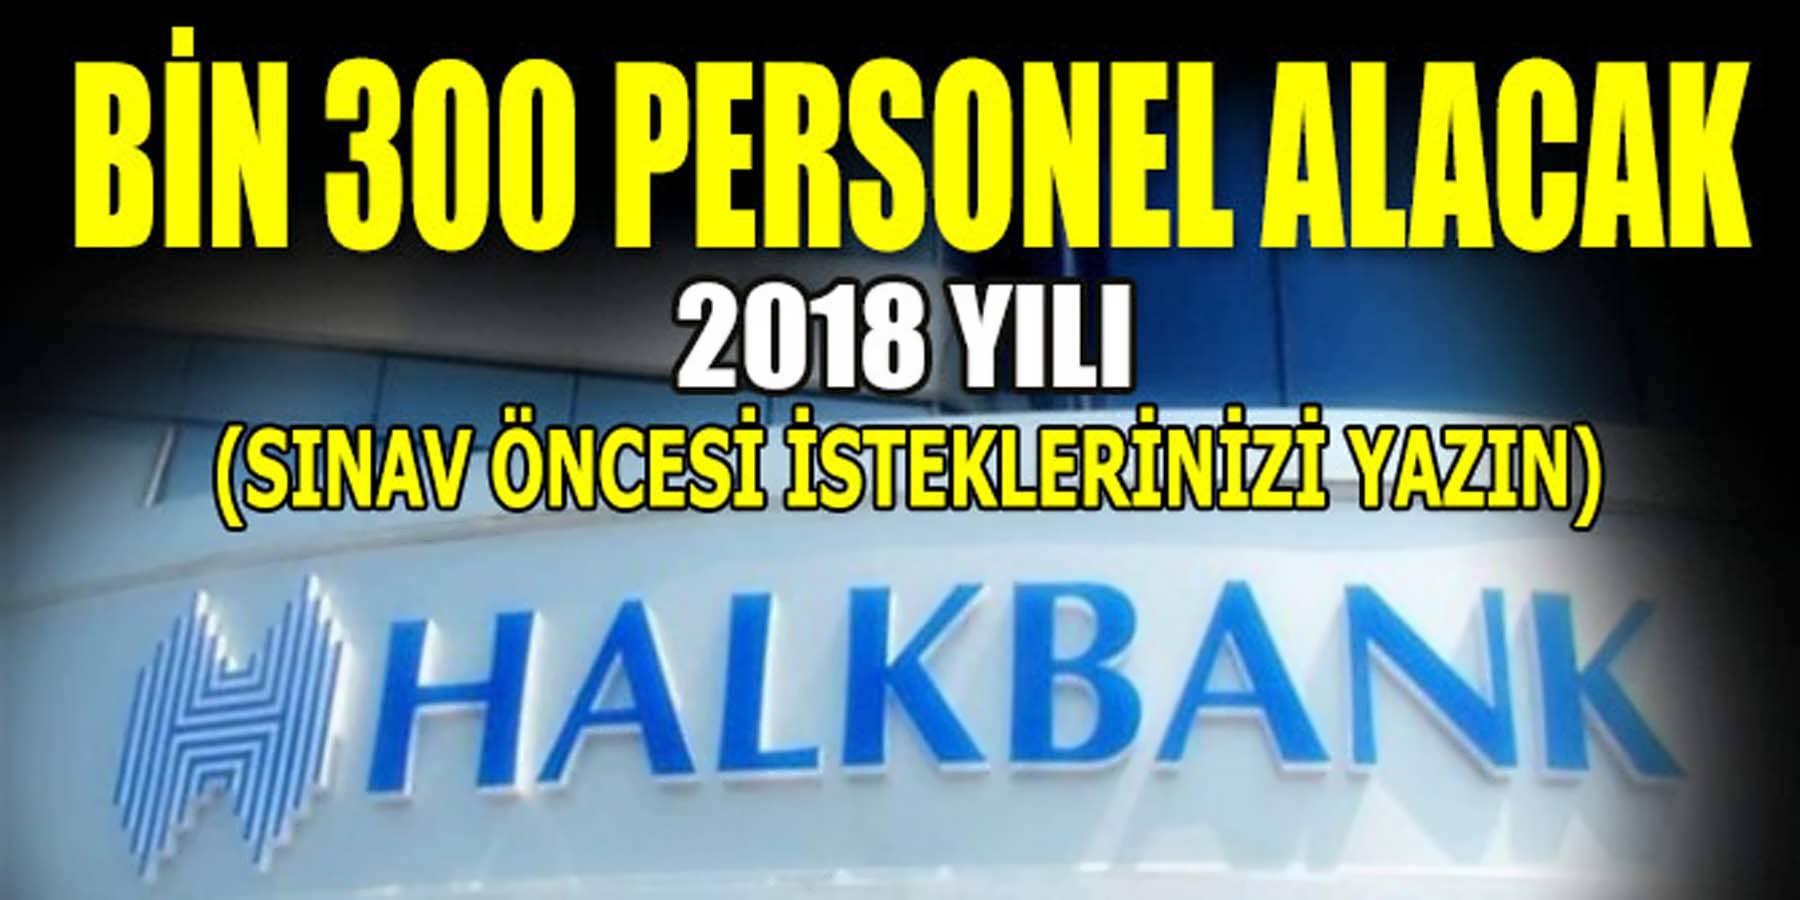 Halkbank 2018 Yılı Bin 300 Personel Alacak